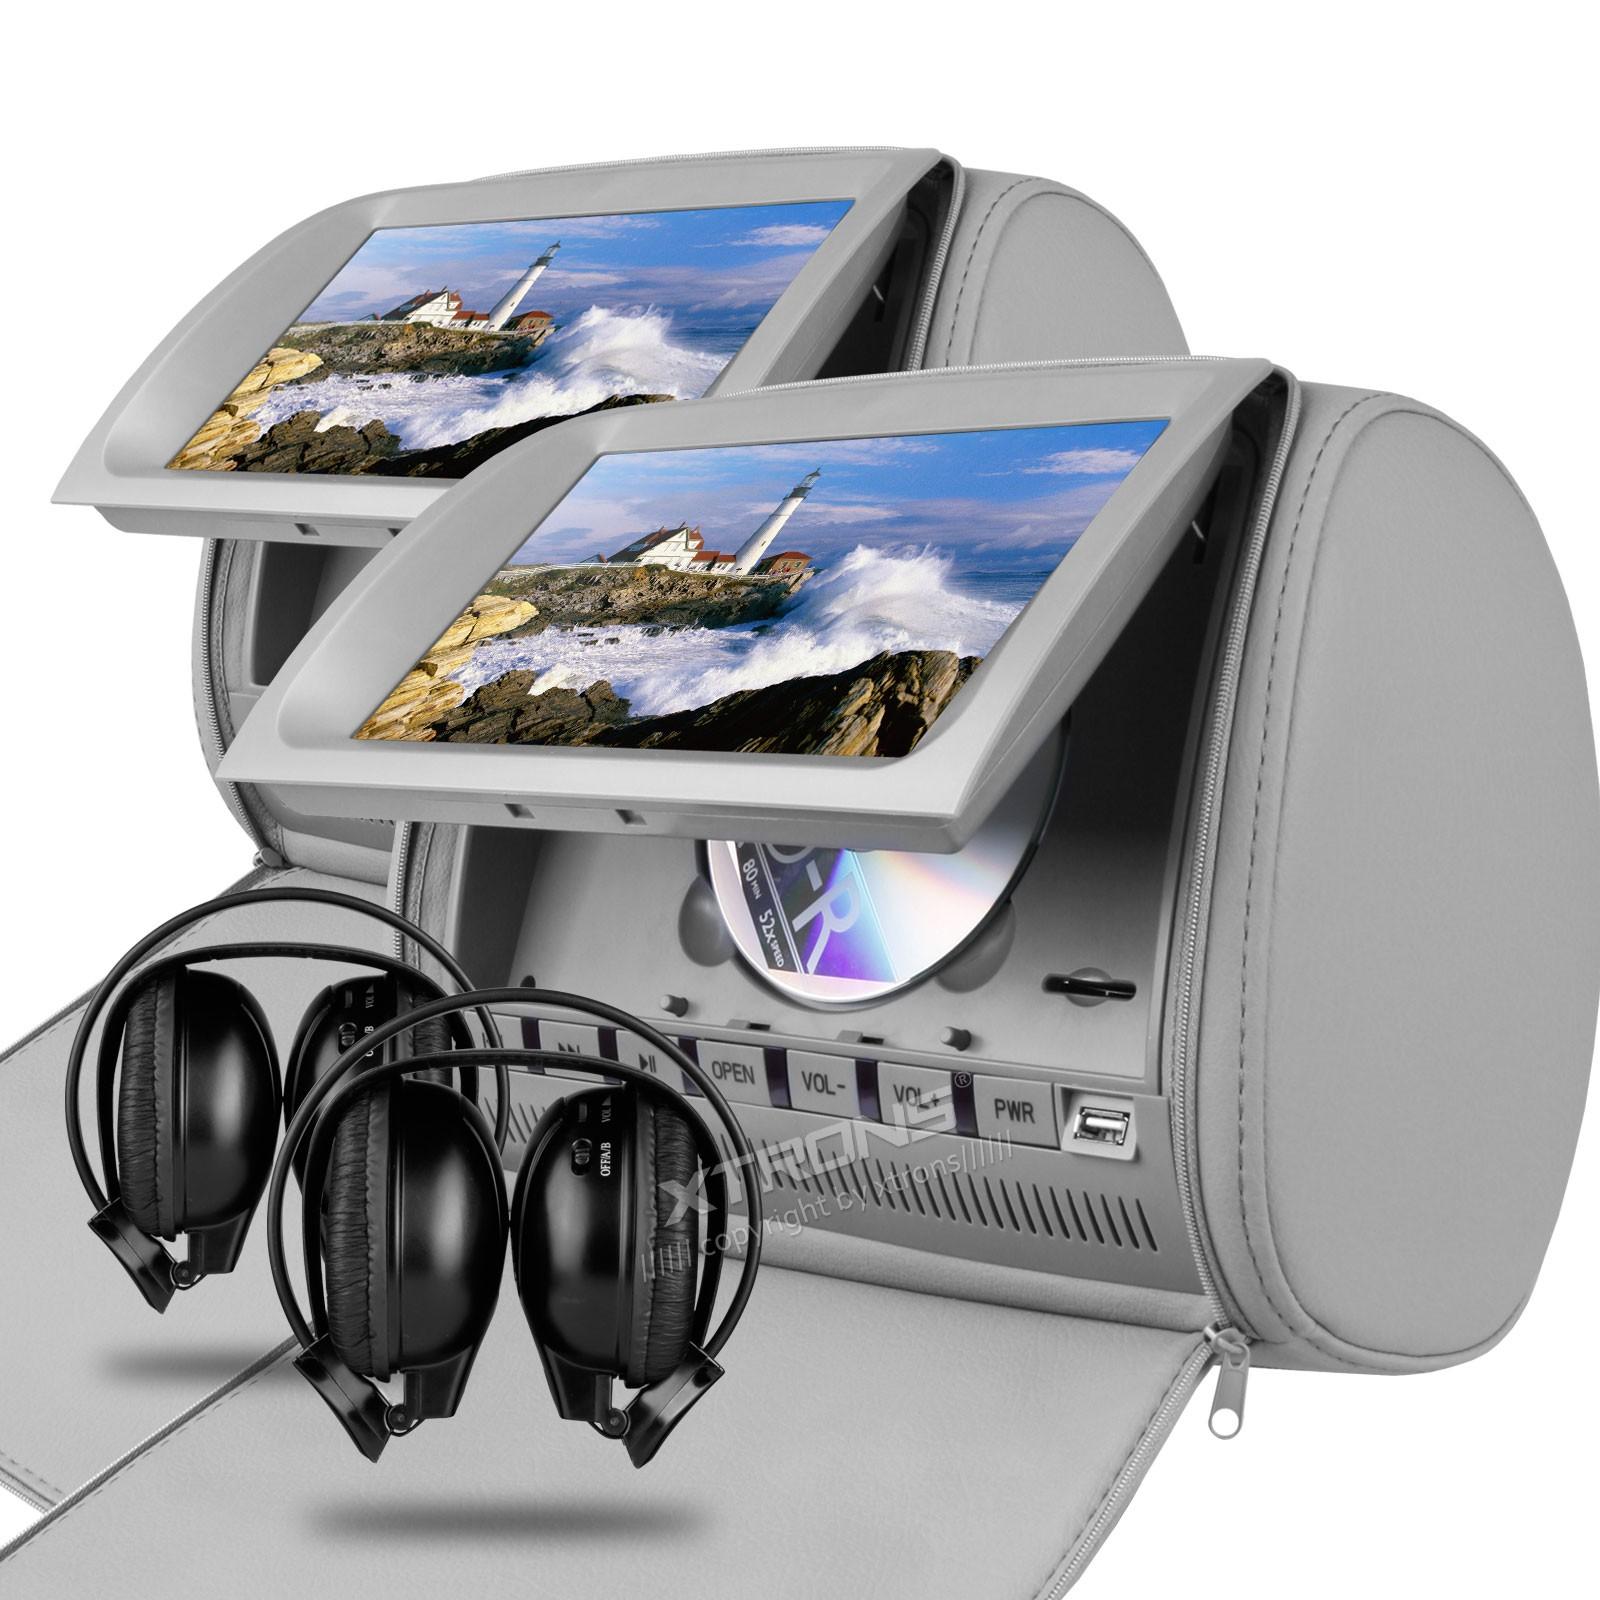 0 Xtrons HD905VDG 2x grå nakkestøtte DVD spillere 9